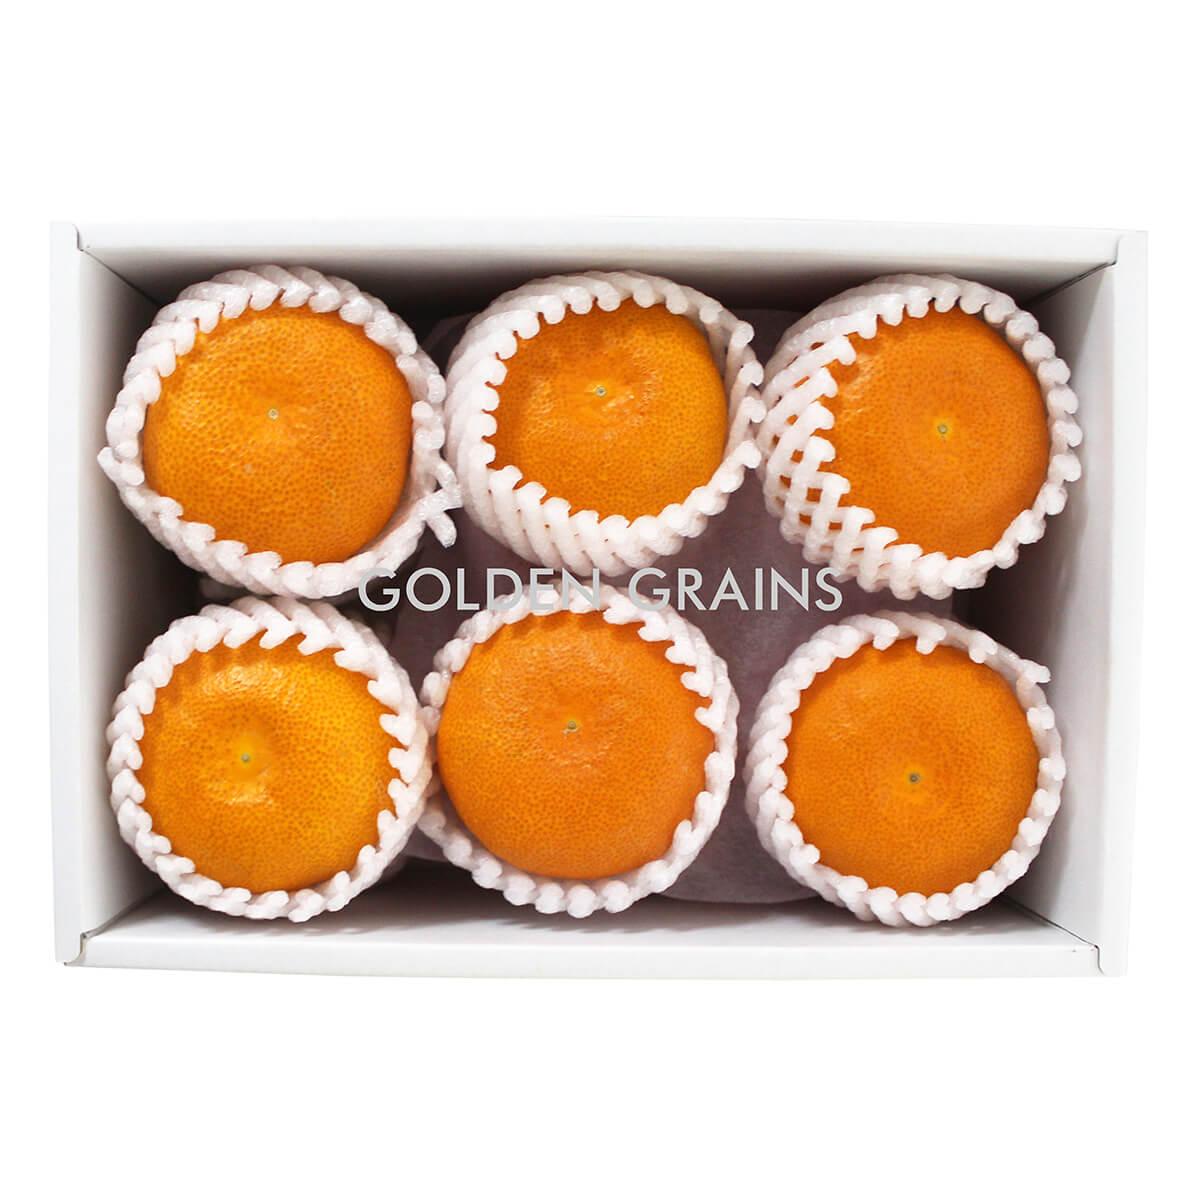 Golden Grains Dubai Export - Japan Fresh Fruits - Orange.jpg